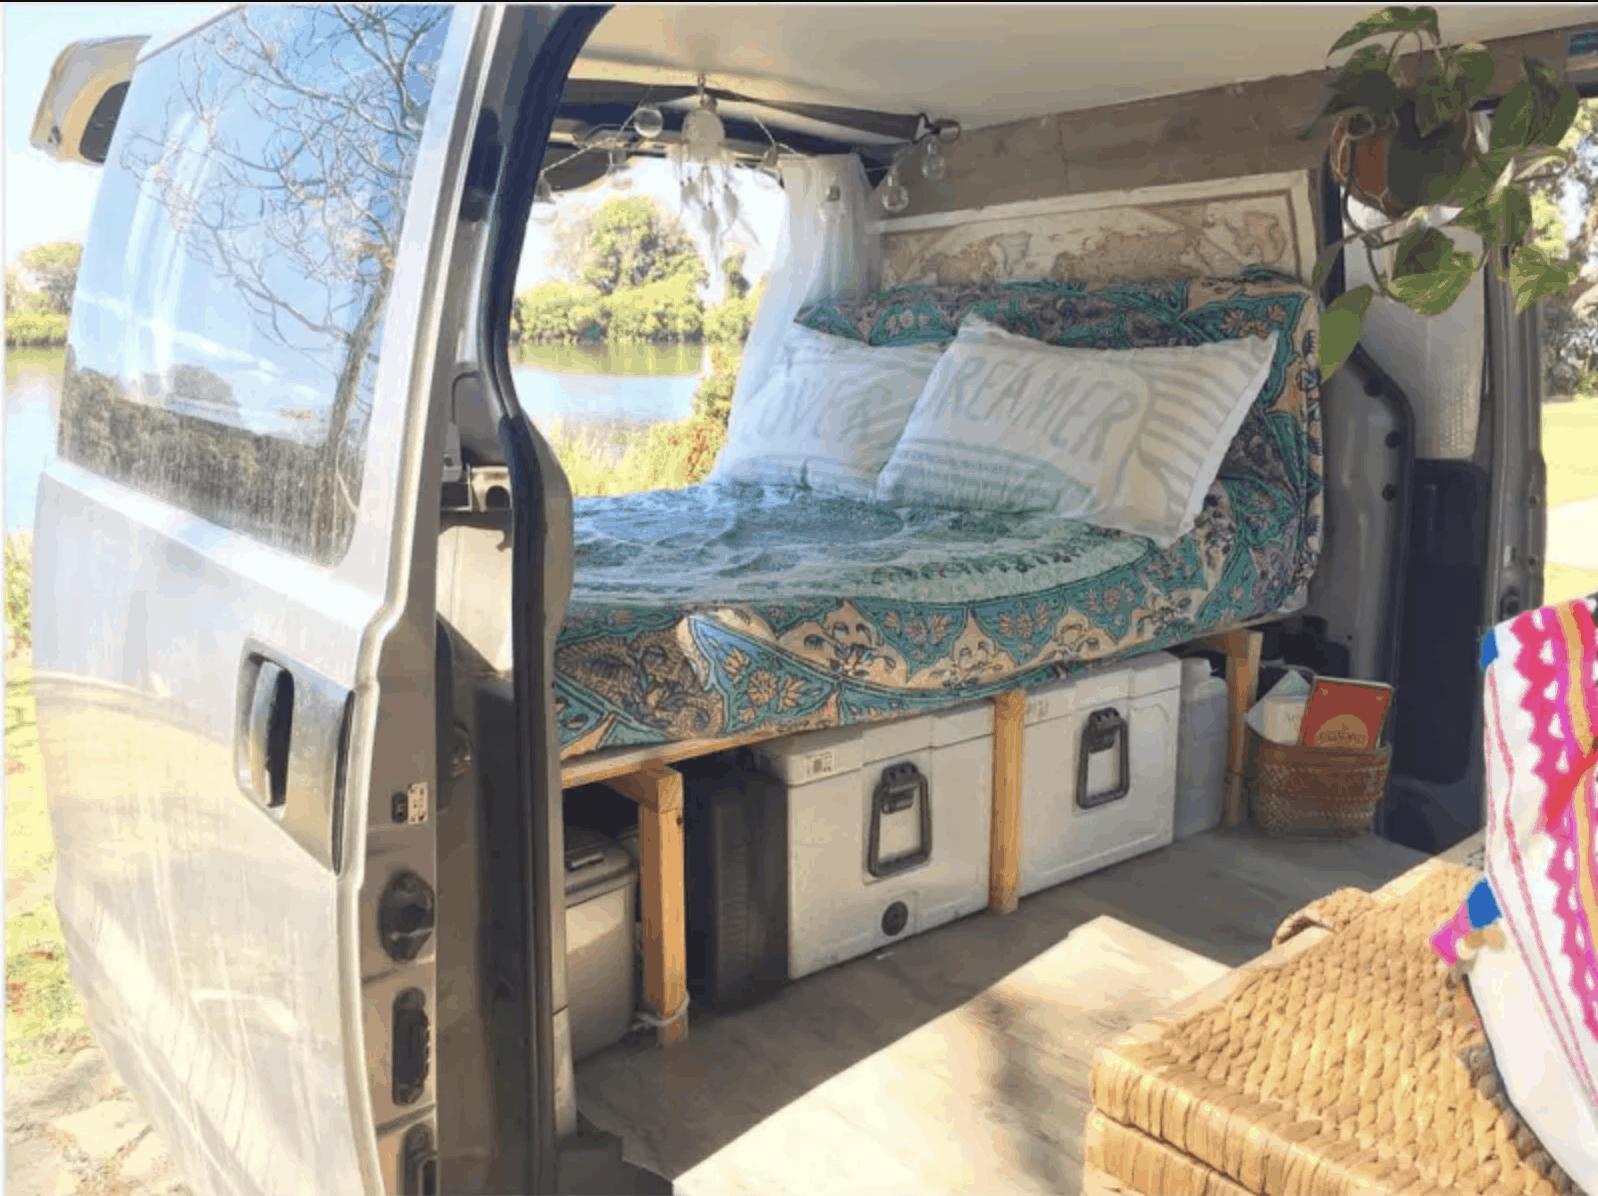 تخت صندوق عقب برای کمپینگ ماشین